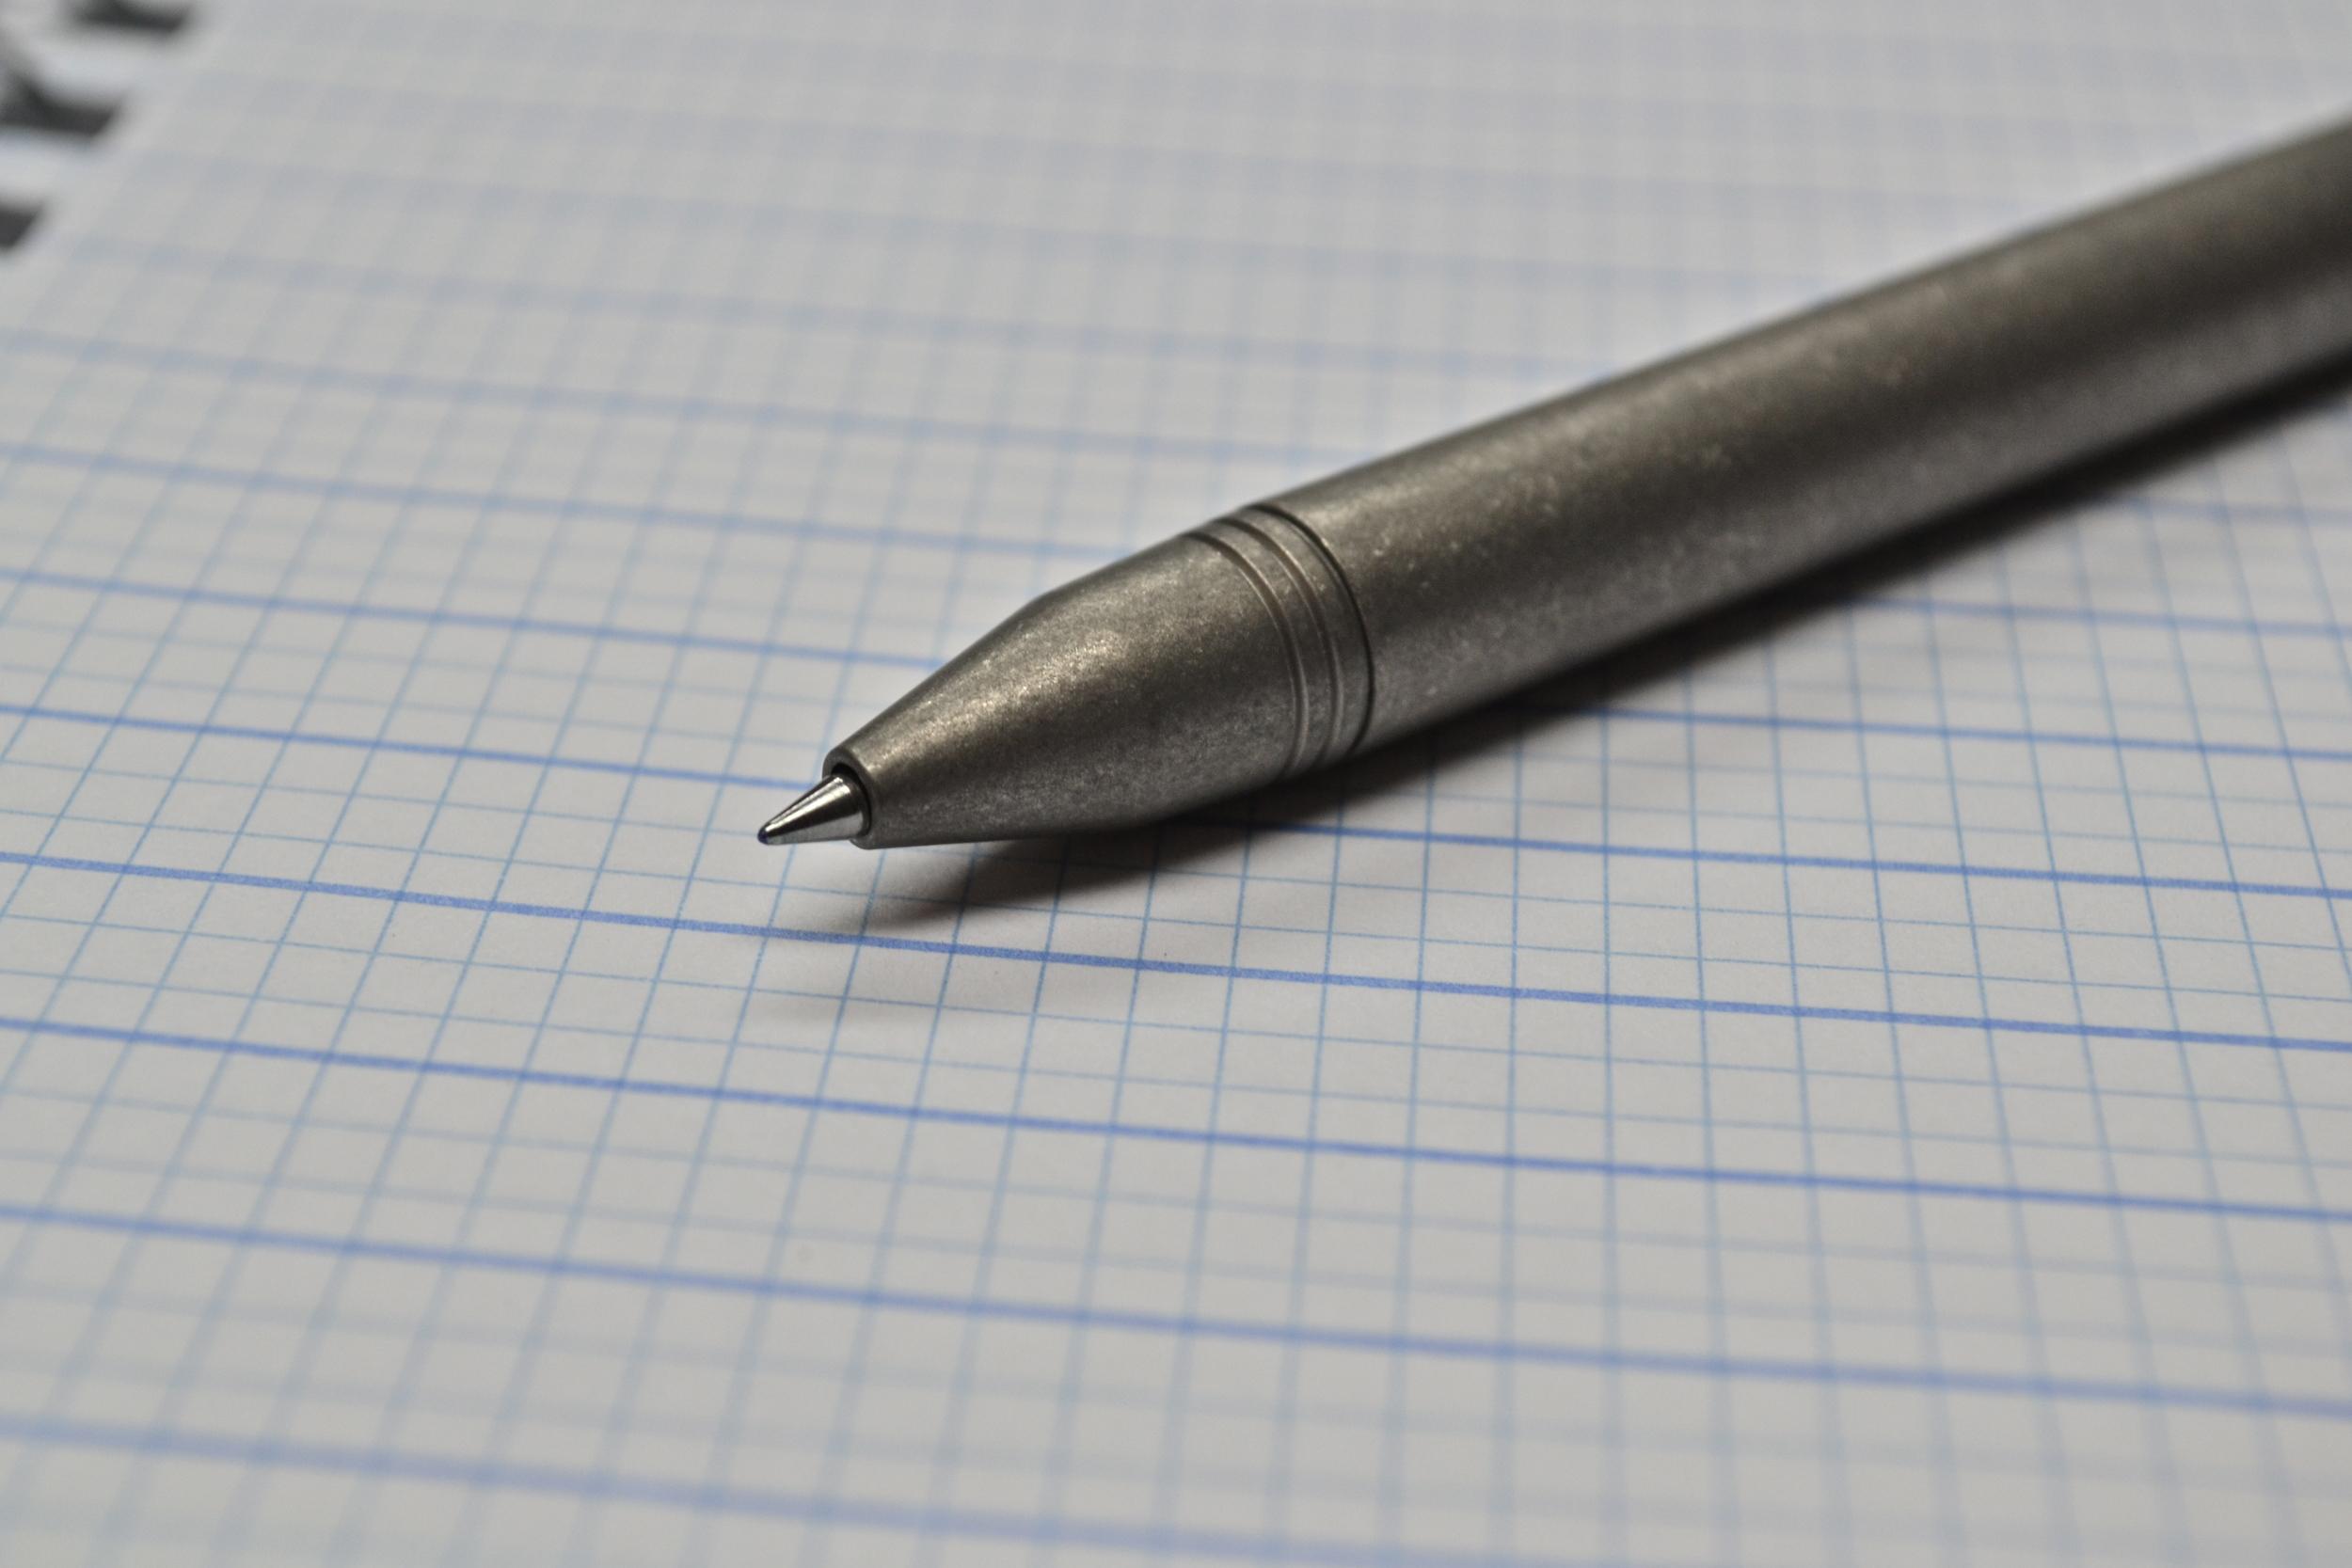 Ti-Click Classic Raw Titanium Kickstarter Pen Review